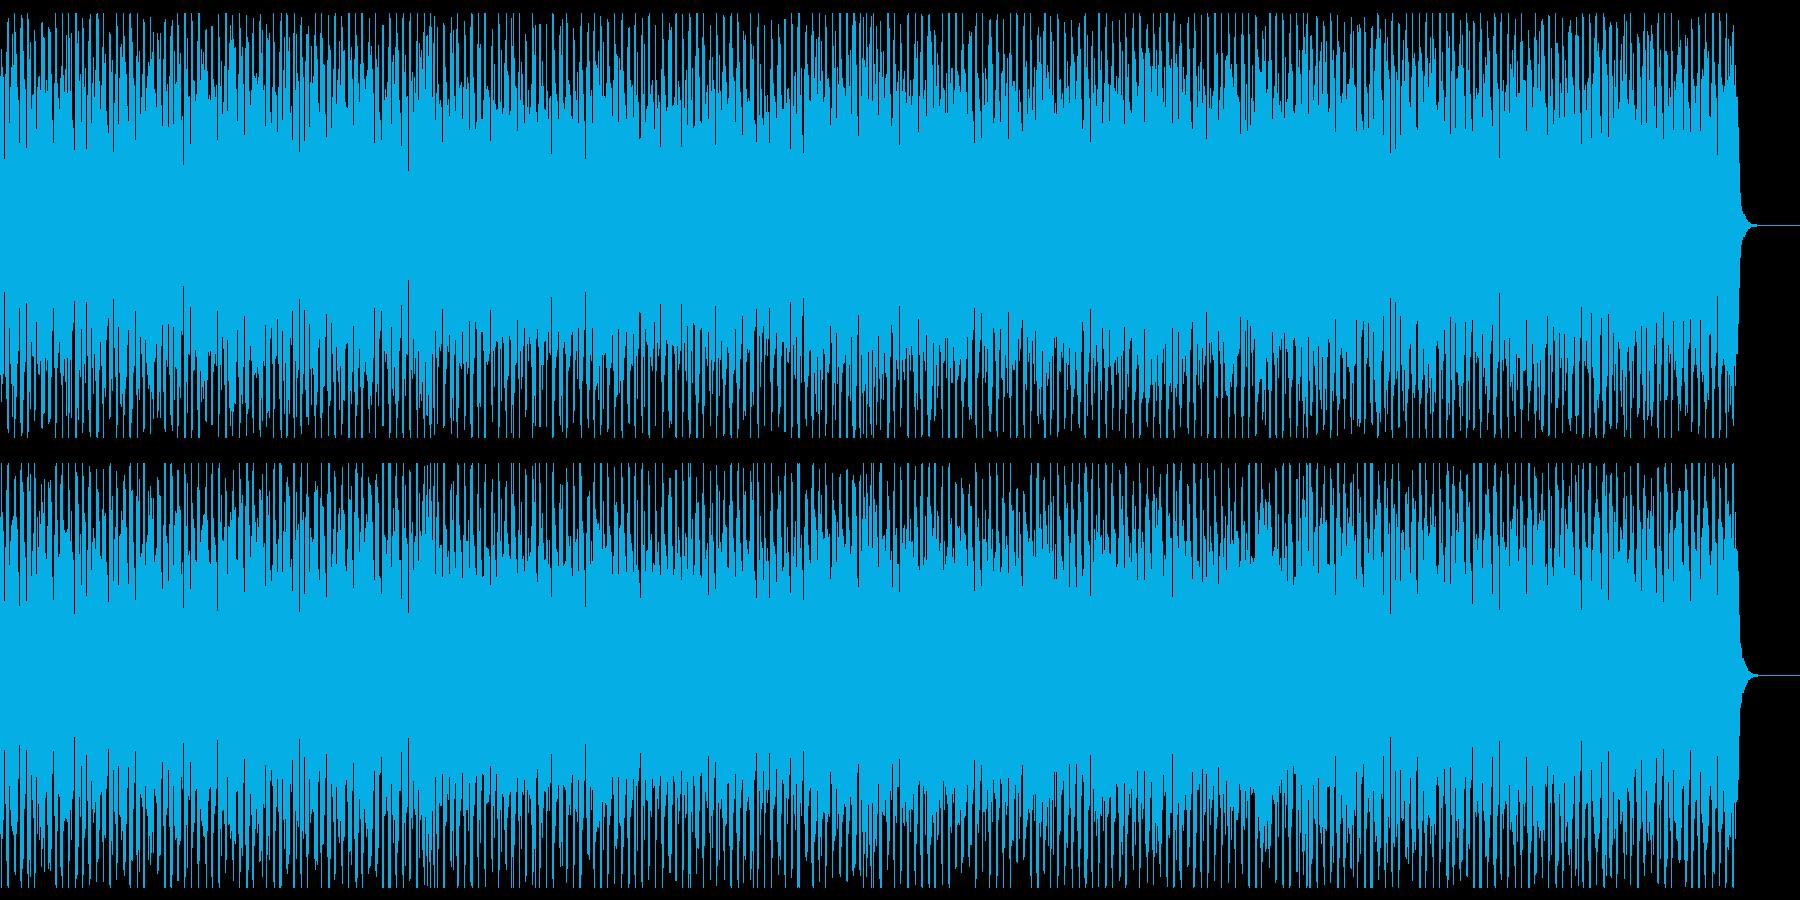 闘争心を感じる4つ打ち曲の再生済みの波形